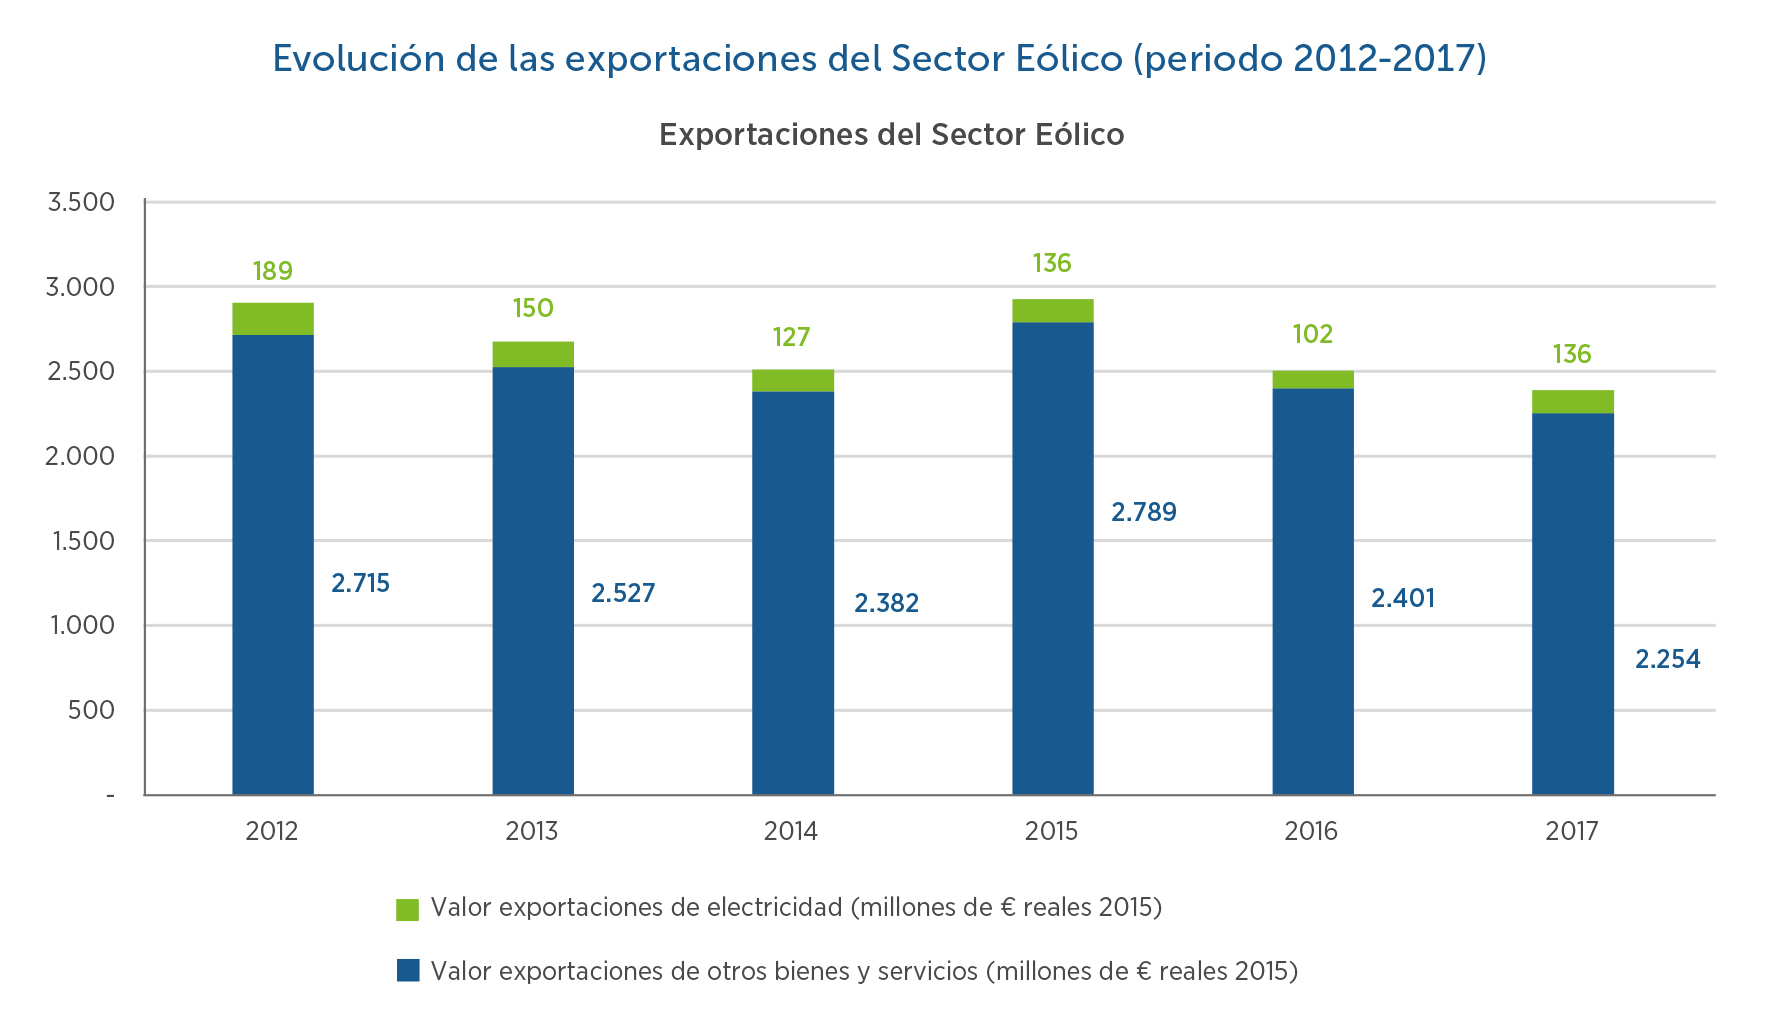 9-Evolucion-exportaciones-sector-eolico